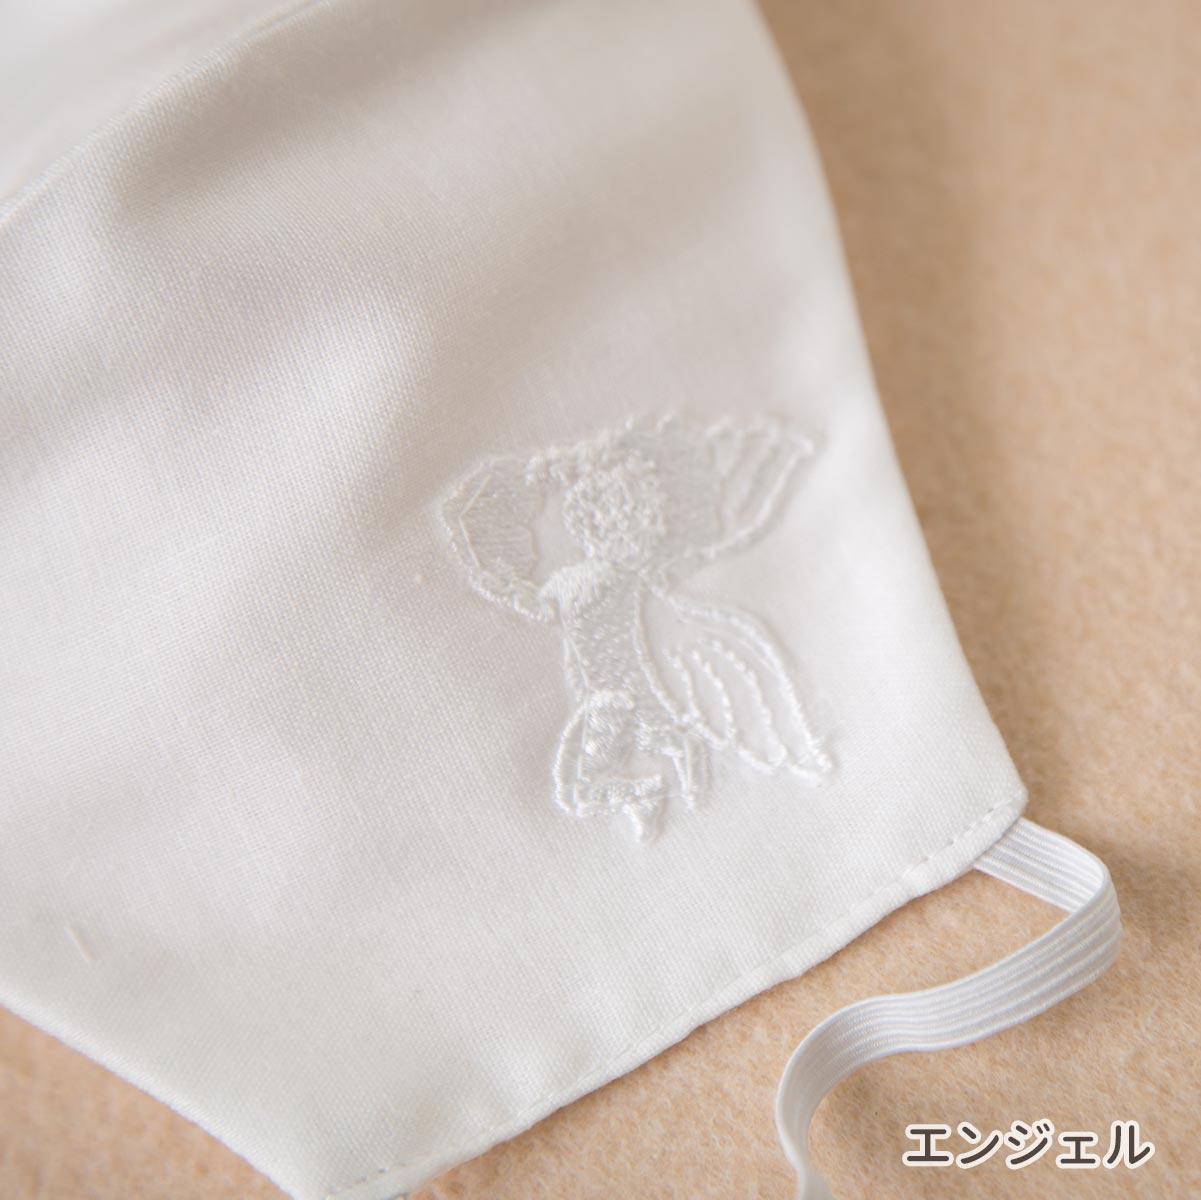 【大人用】ワイヤーなし/レースモチーフ付きガーゼマスク(調整ゴム付) HH1687/HH1697 (衛生用品)